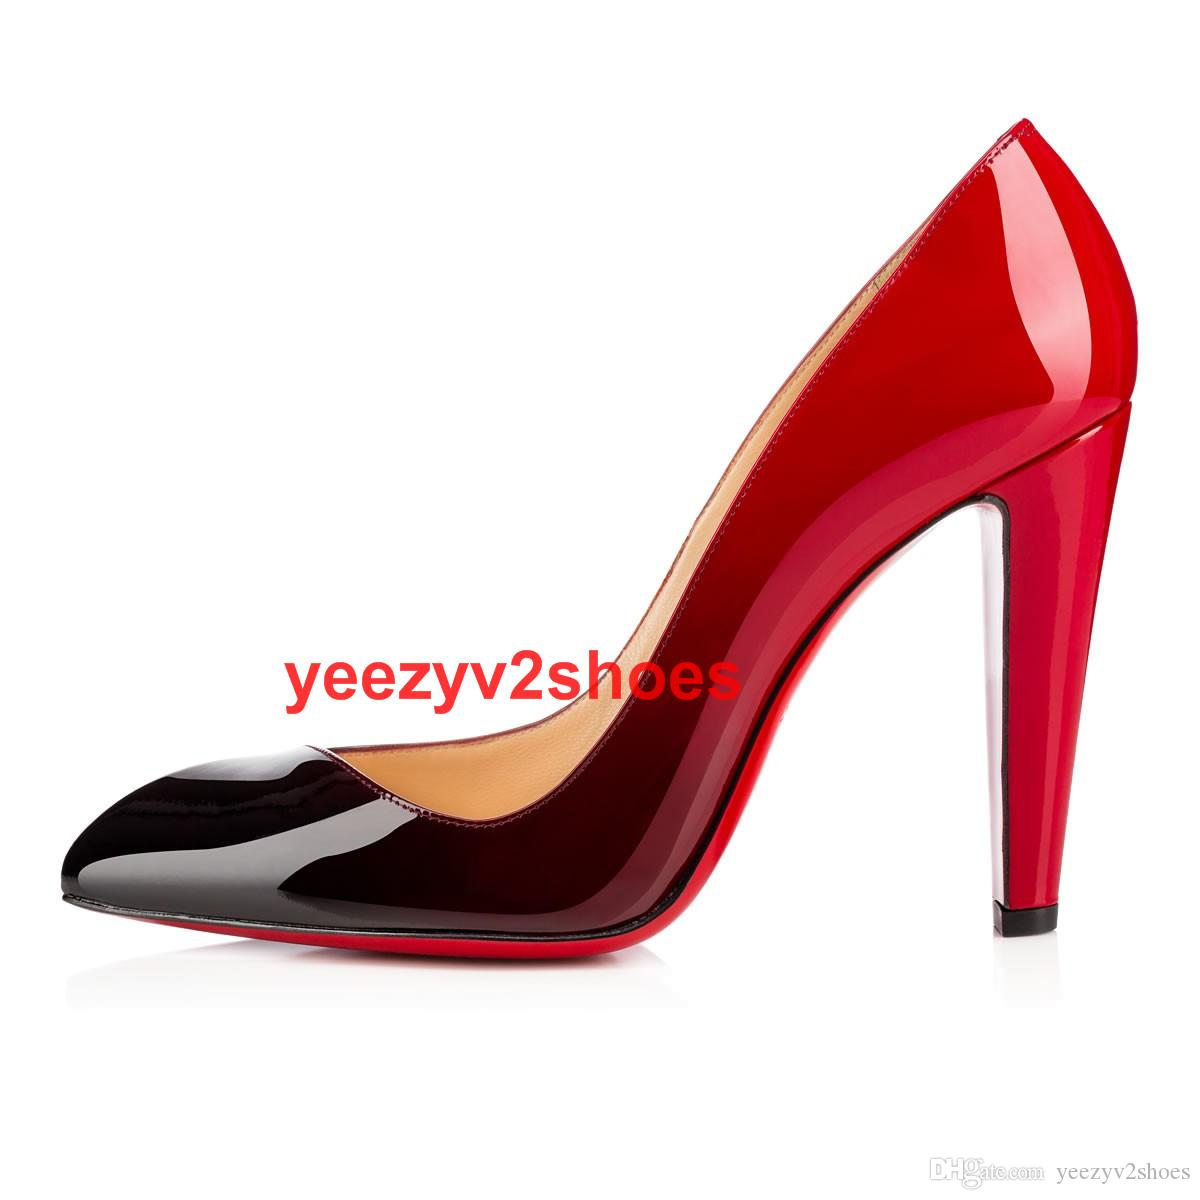 Bas Designers Chaude Classique Acheter Femmes Vente Marque Rouge x8COT7wq